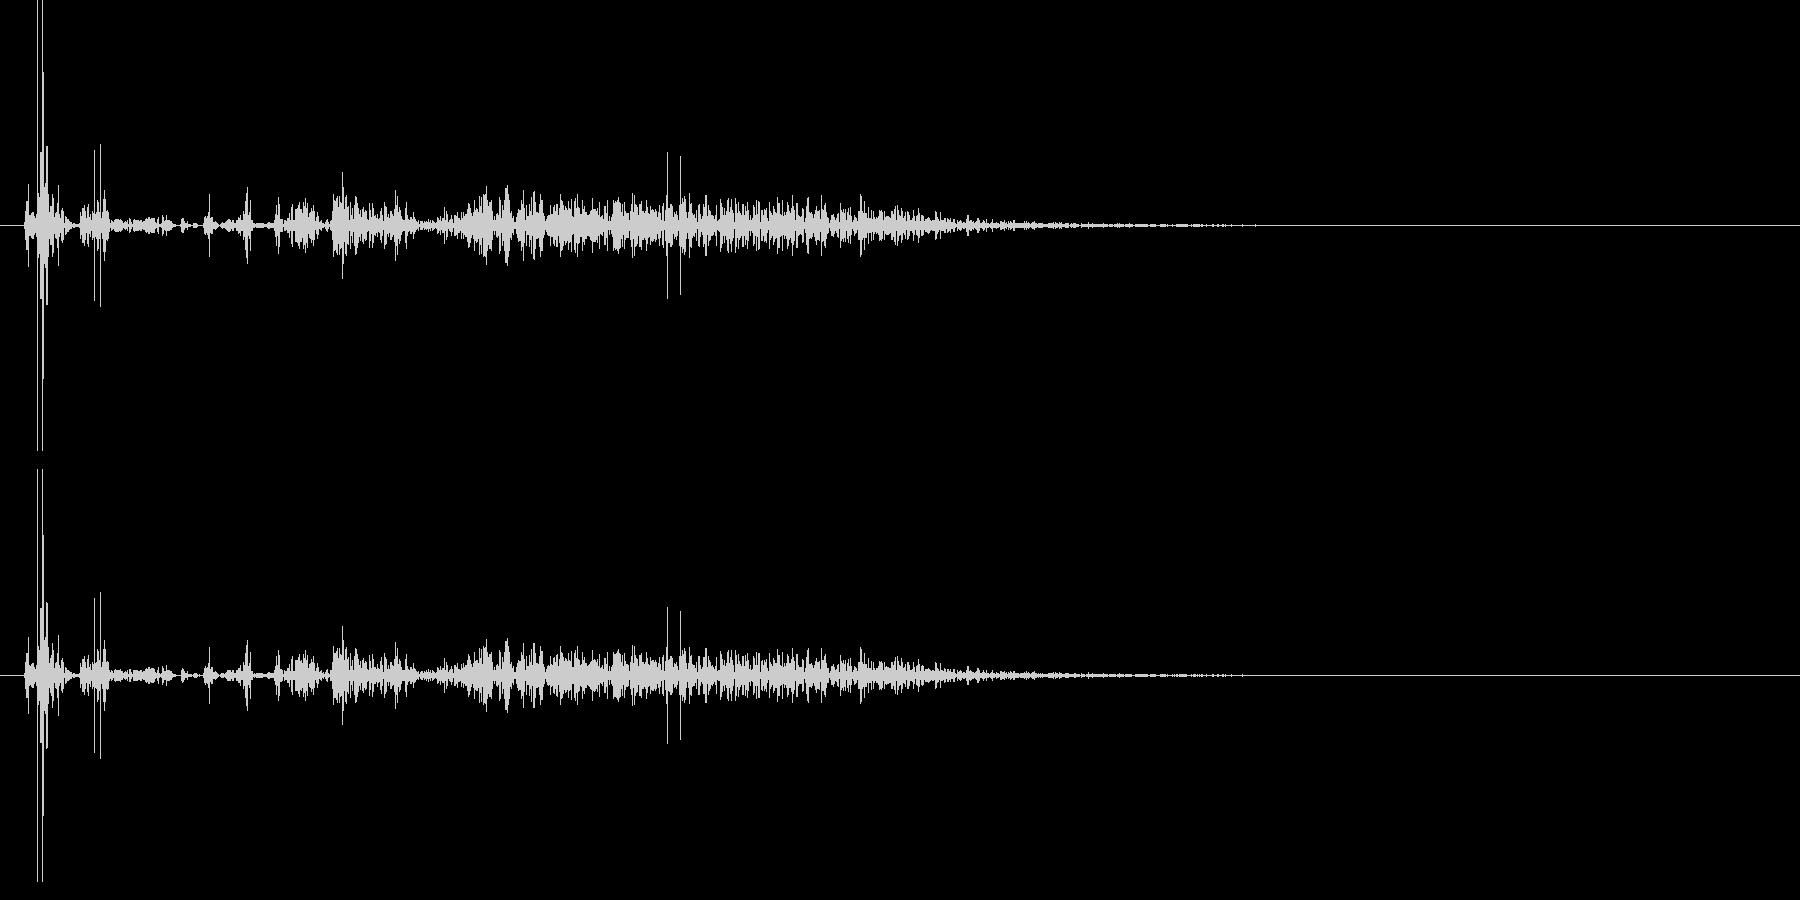 遠方の砲撃音 2の未再生の波形